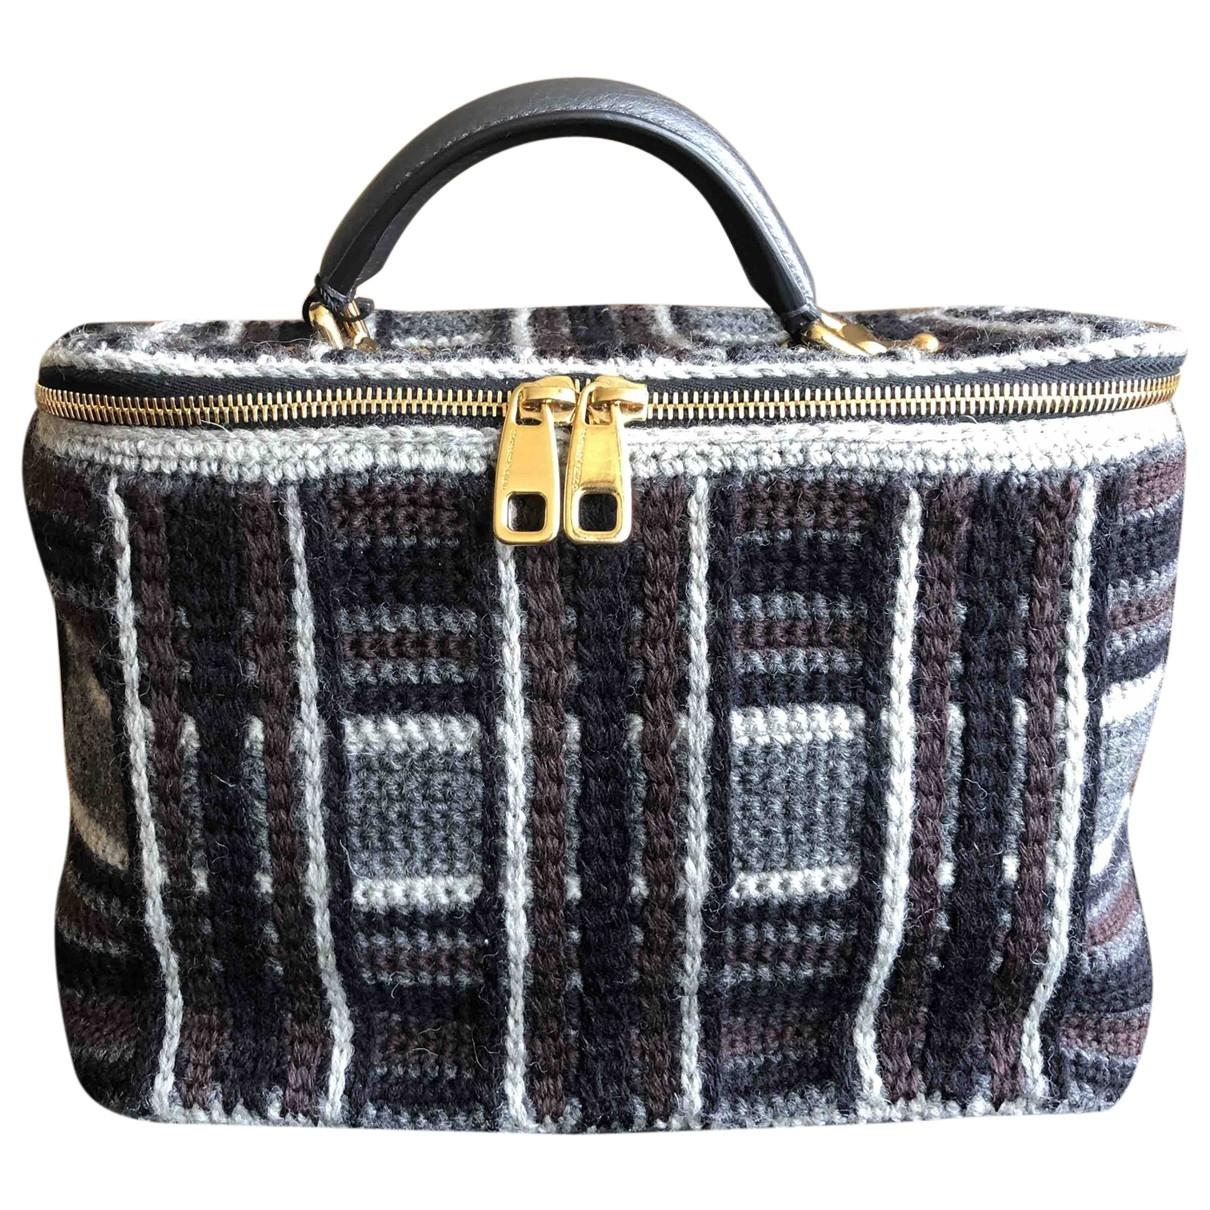 Dolce & Gabbana \N Handtasche in Wolle